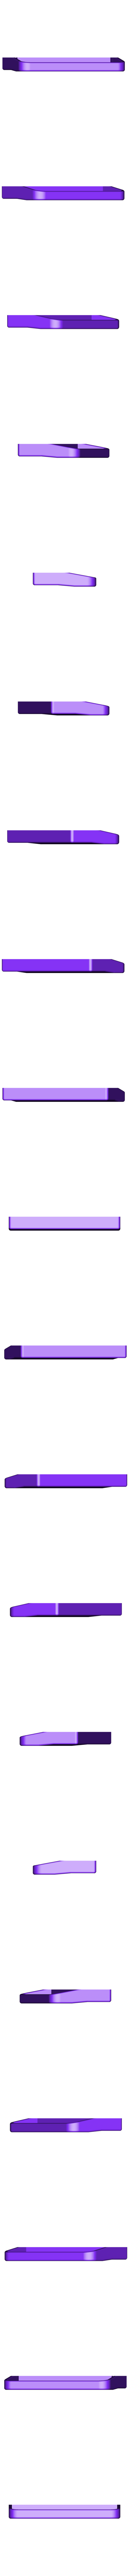 BG53.stl Télécharger fichier STL gratuit Poignée de porte-balcone GKG BG53 remplacement Balkontürgriff Ersatz • Objet pour impression 3D, glassy